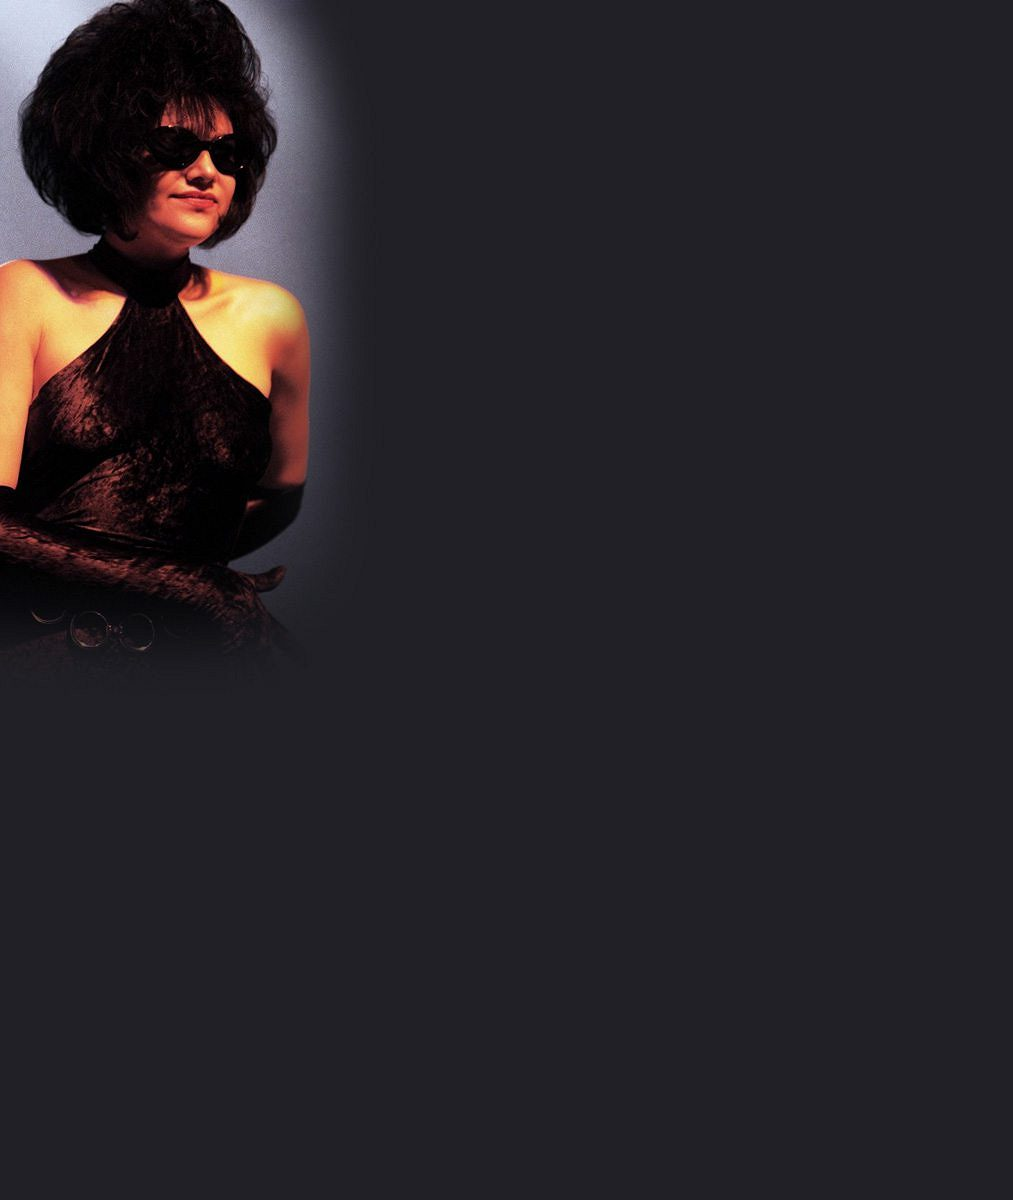 Tehdy měla do uhlazené sexbomby ještě hodně daleko: Mrkněte na vtipné archivní fotky Ilony Csákové